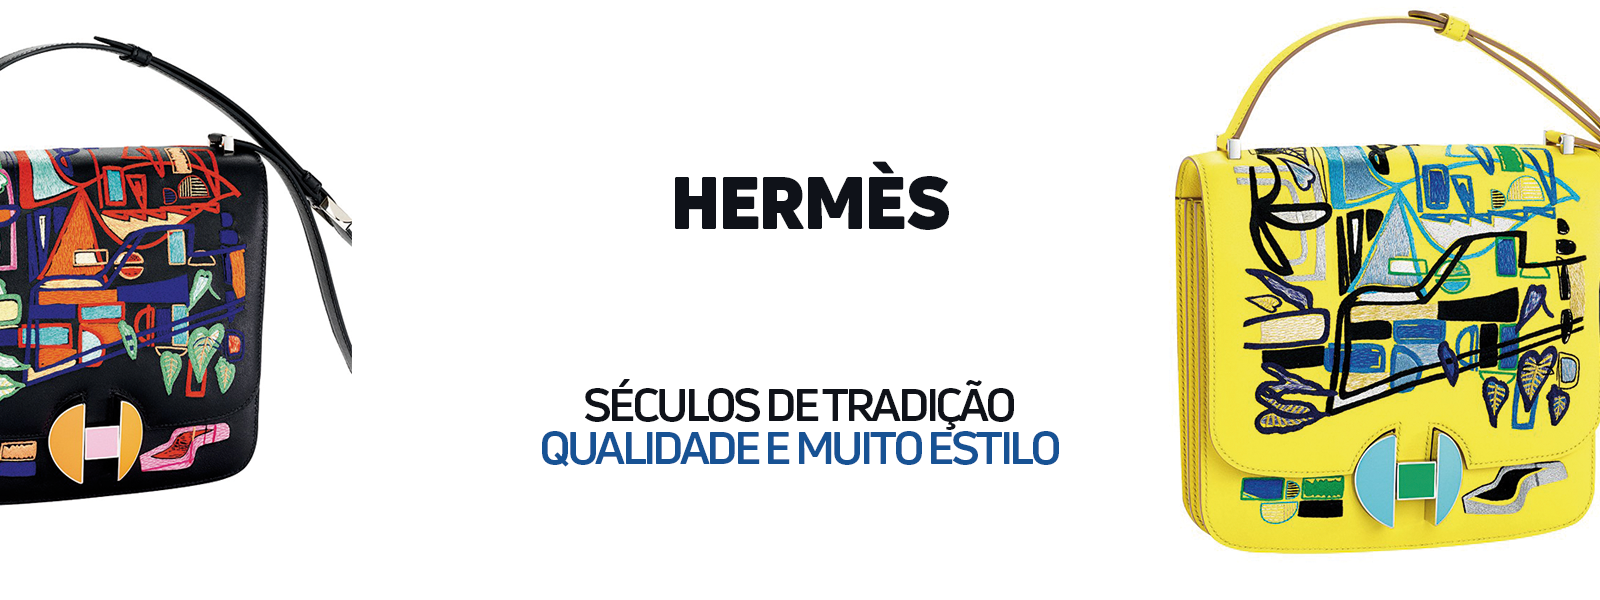 504da558e4e0 Hermès - Séculos de Tradição, Qualidade e muito Estilo | Mega Moda